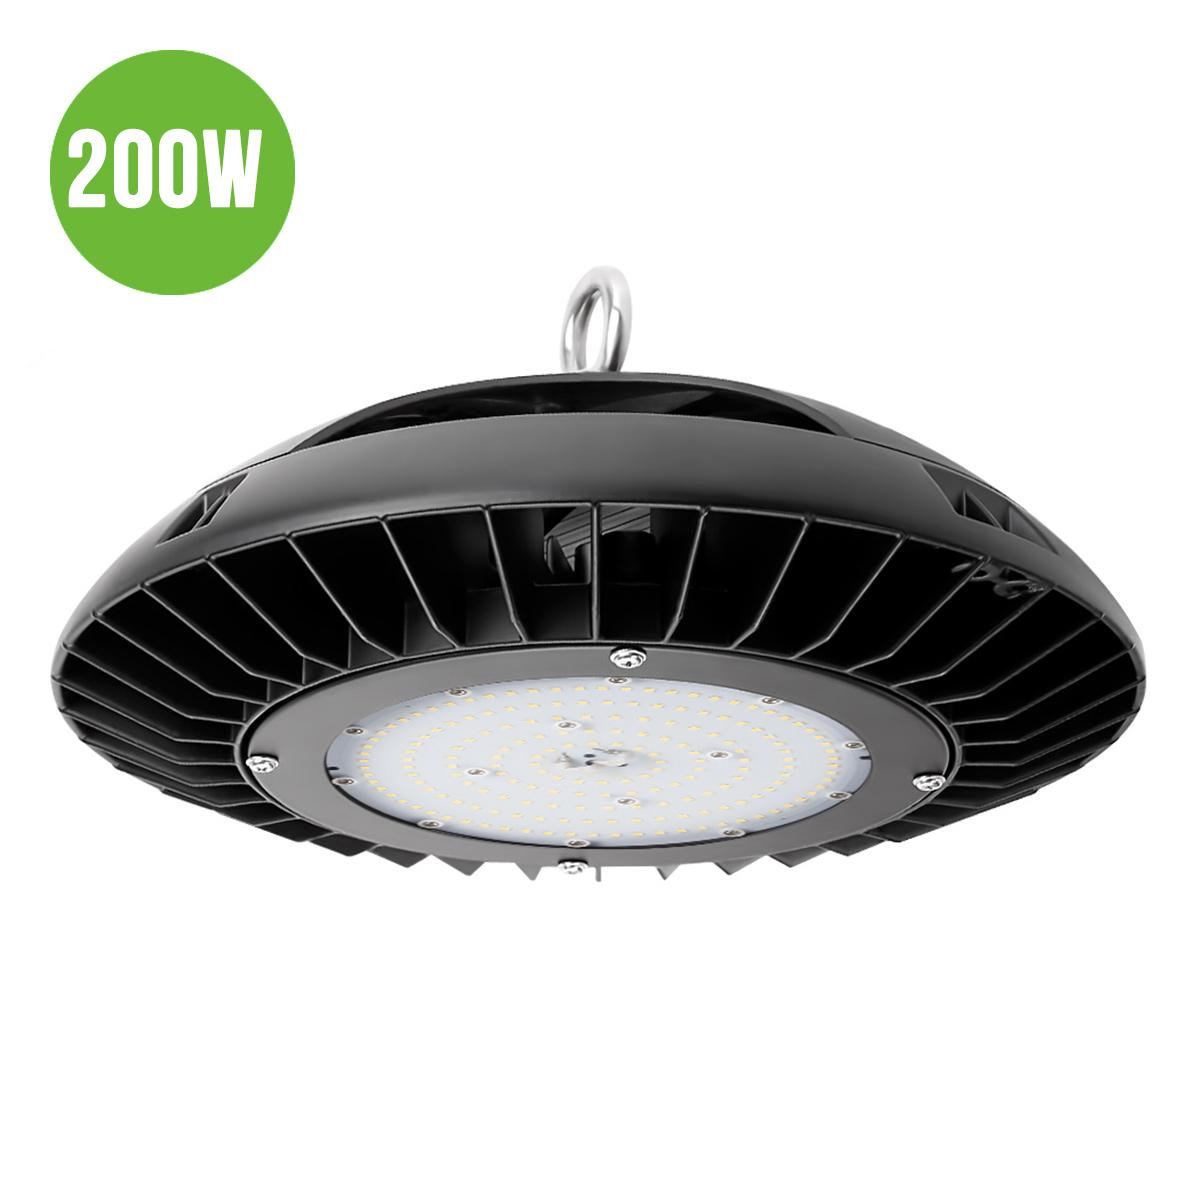 200W UFO LED Hallenstrahler, Dimmbar 21000lm Industrielampe, Ersatz für 400W HPS / MH, Wasserdicht, Kaltweiß